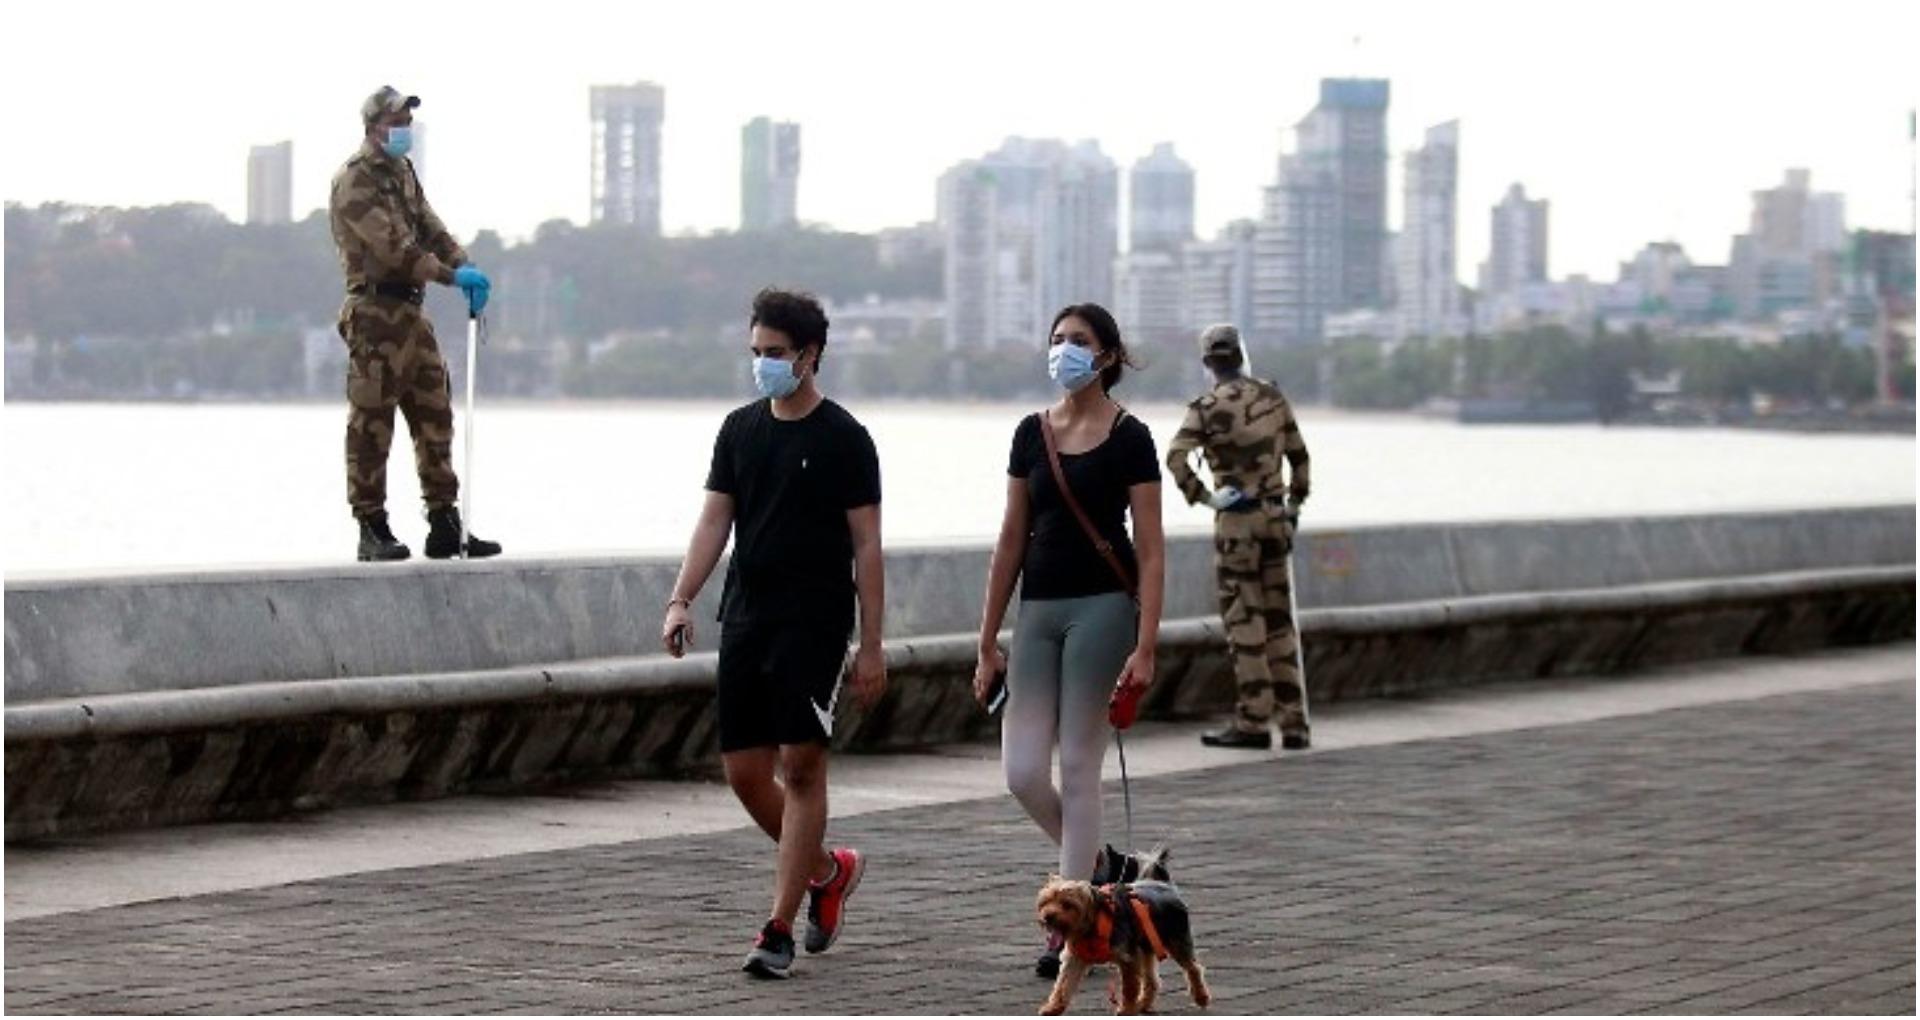 मुंबई ने वुहान को छोड़ा पीछे, कोरोना एक्टिव केसेस 50,878, वहीं महाराष्ट्र में 90,000 केसेस पार